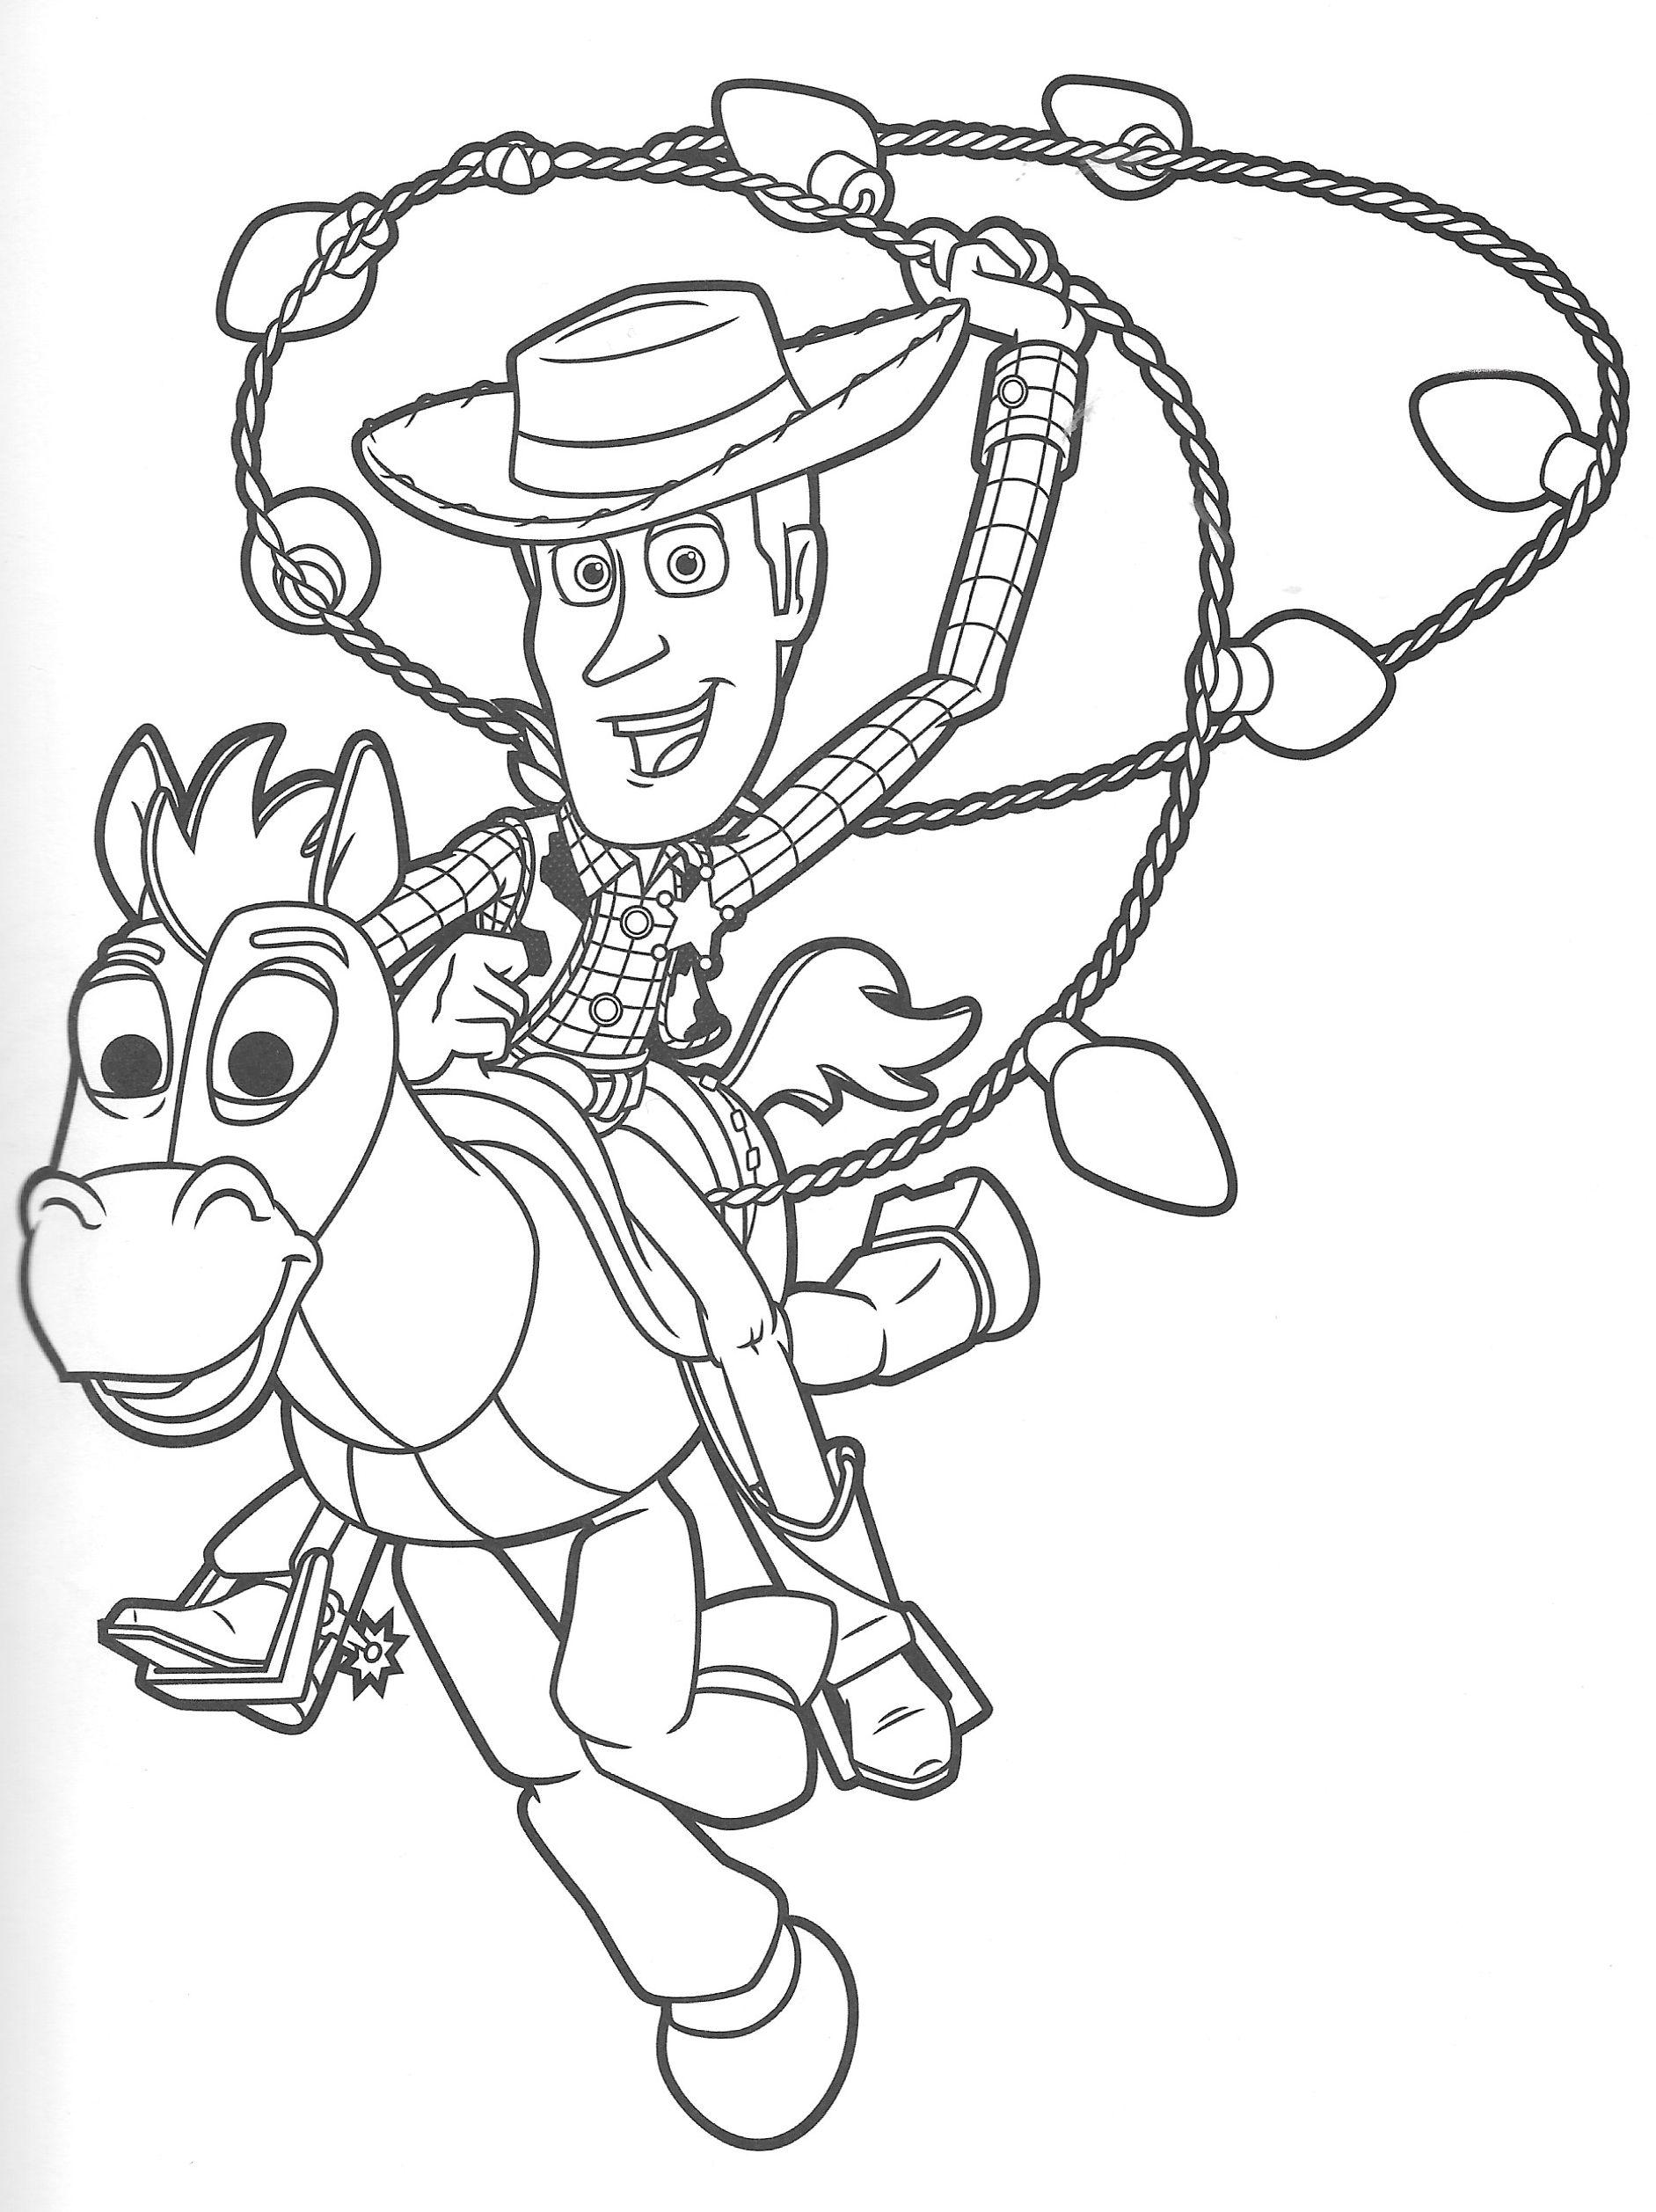 20 Toy Story Ausmalbilder-Ideen  schöne ausmalbilder